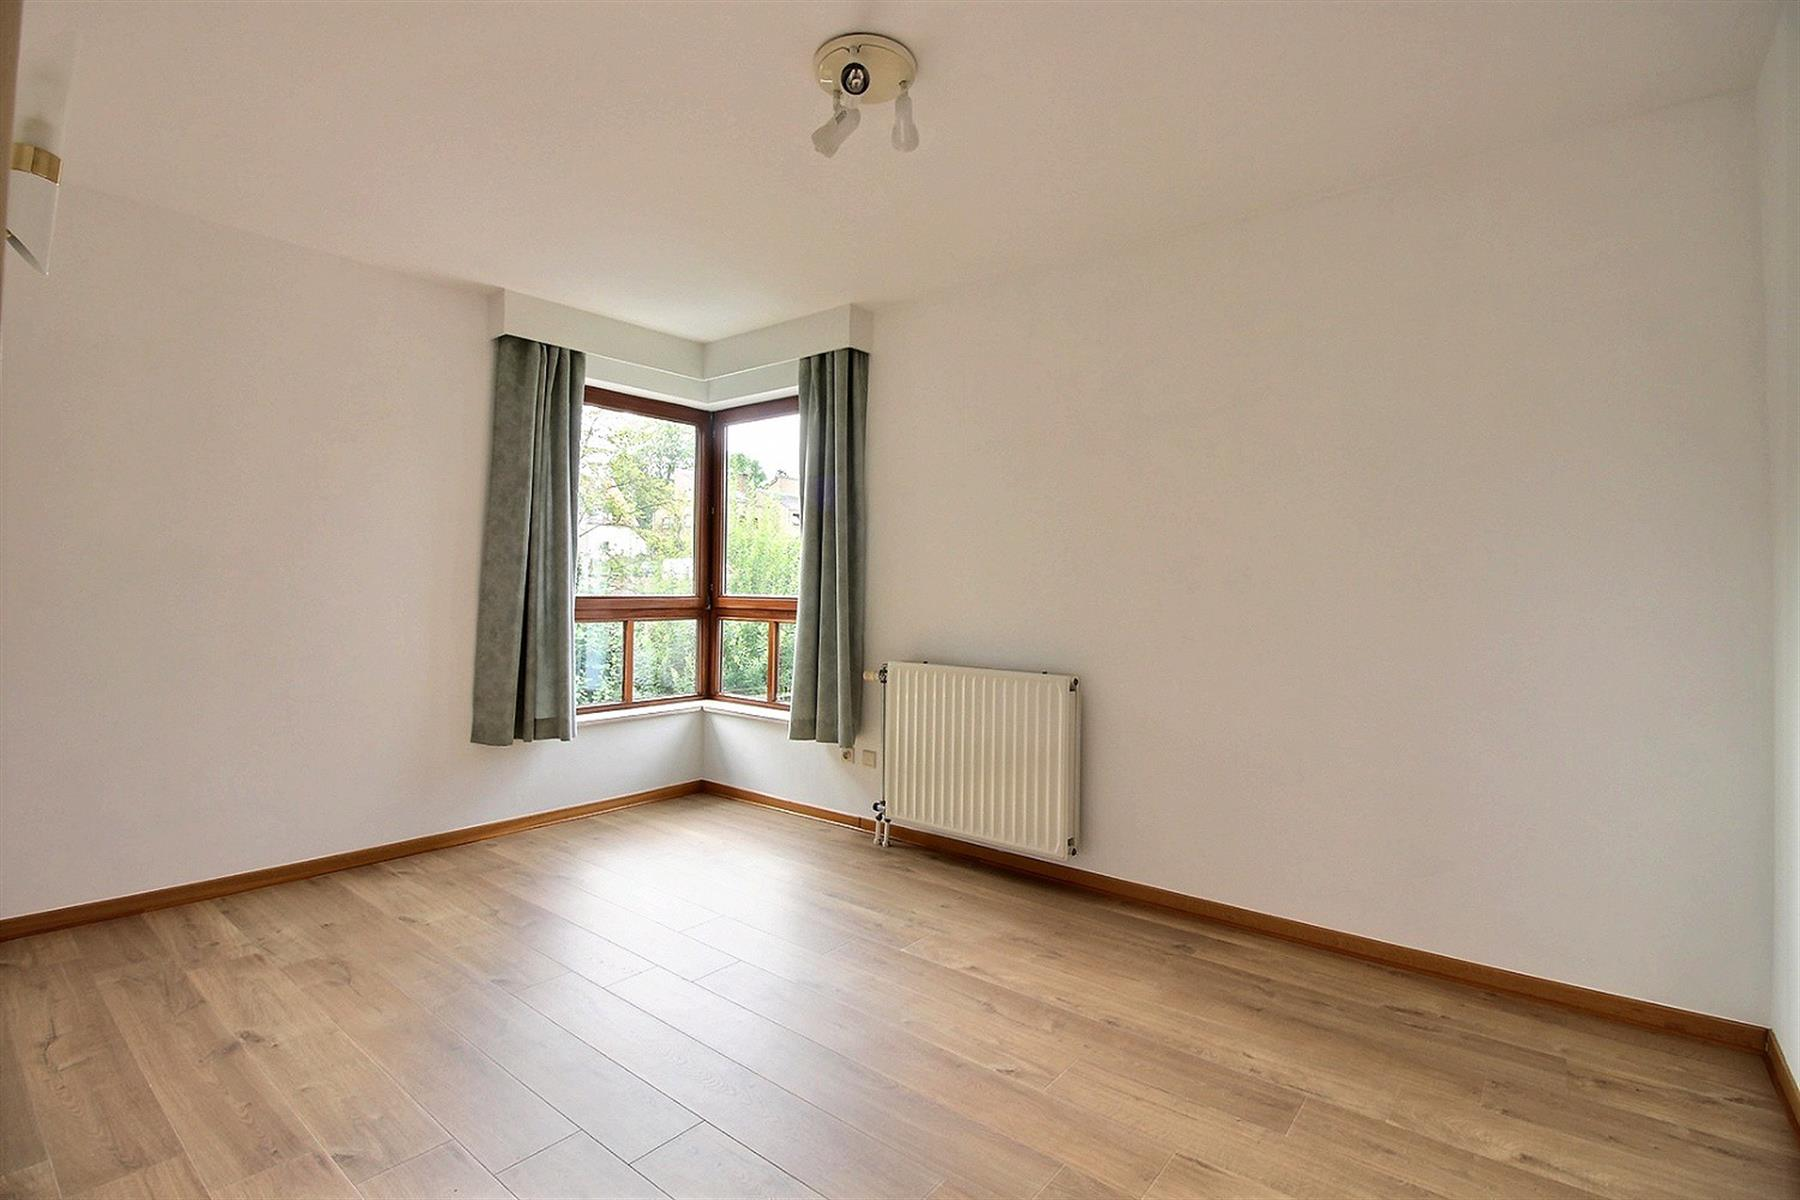 Appartement - Ottignies-Louvain-la-Neuve - #4365104-7